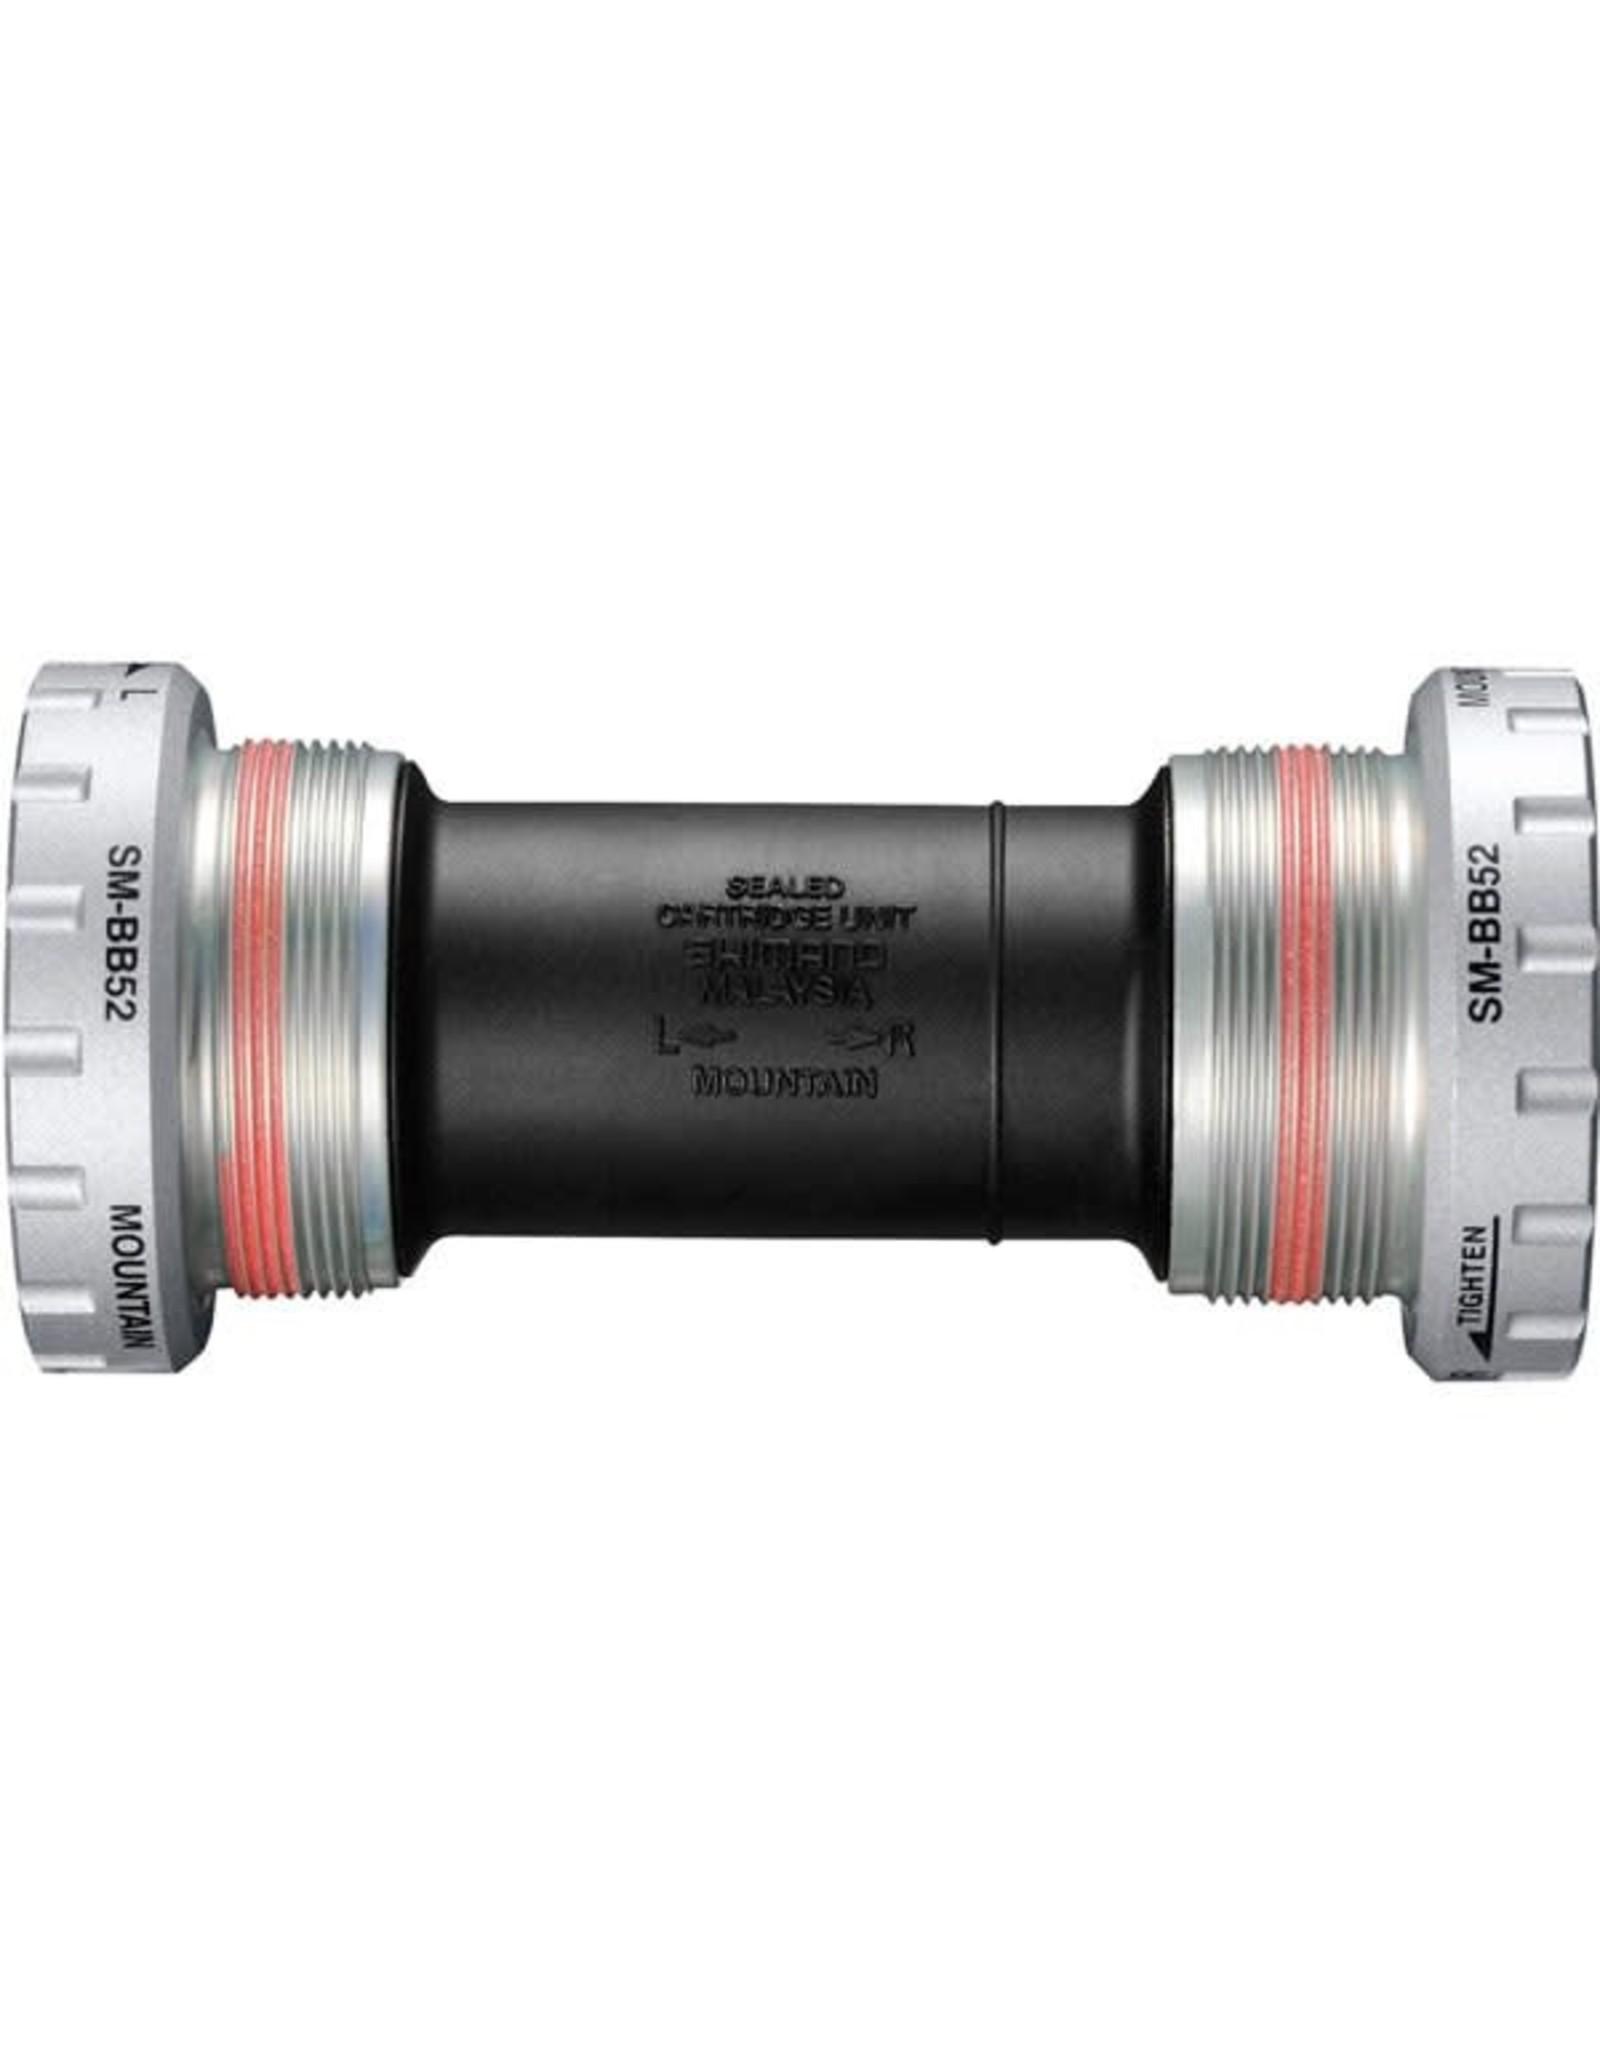 Shimano Bottom Bracket MTB Deore SM-BB52